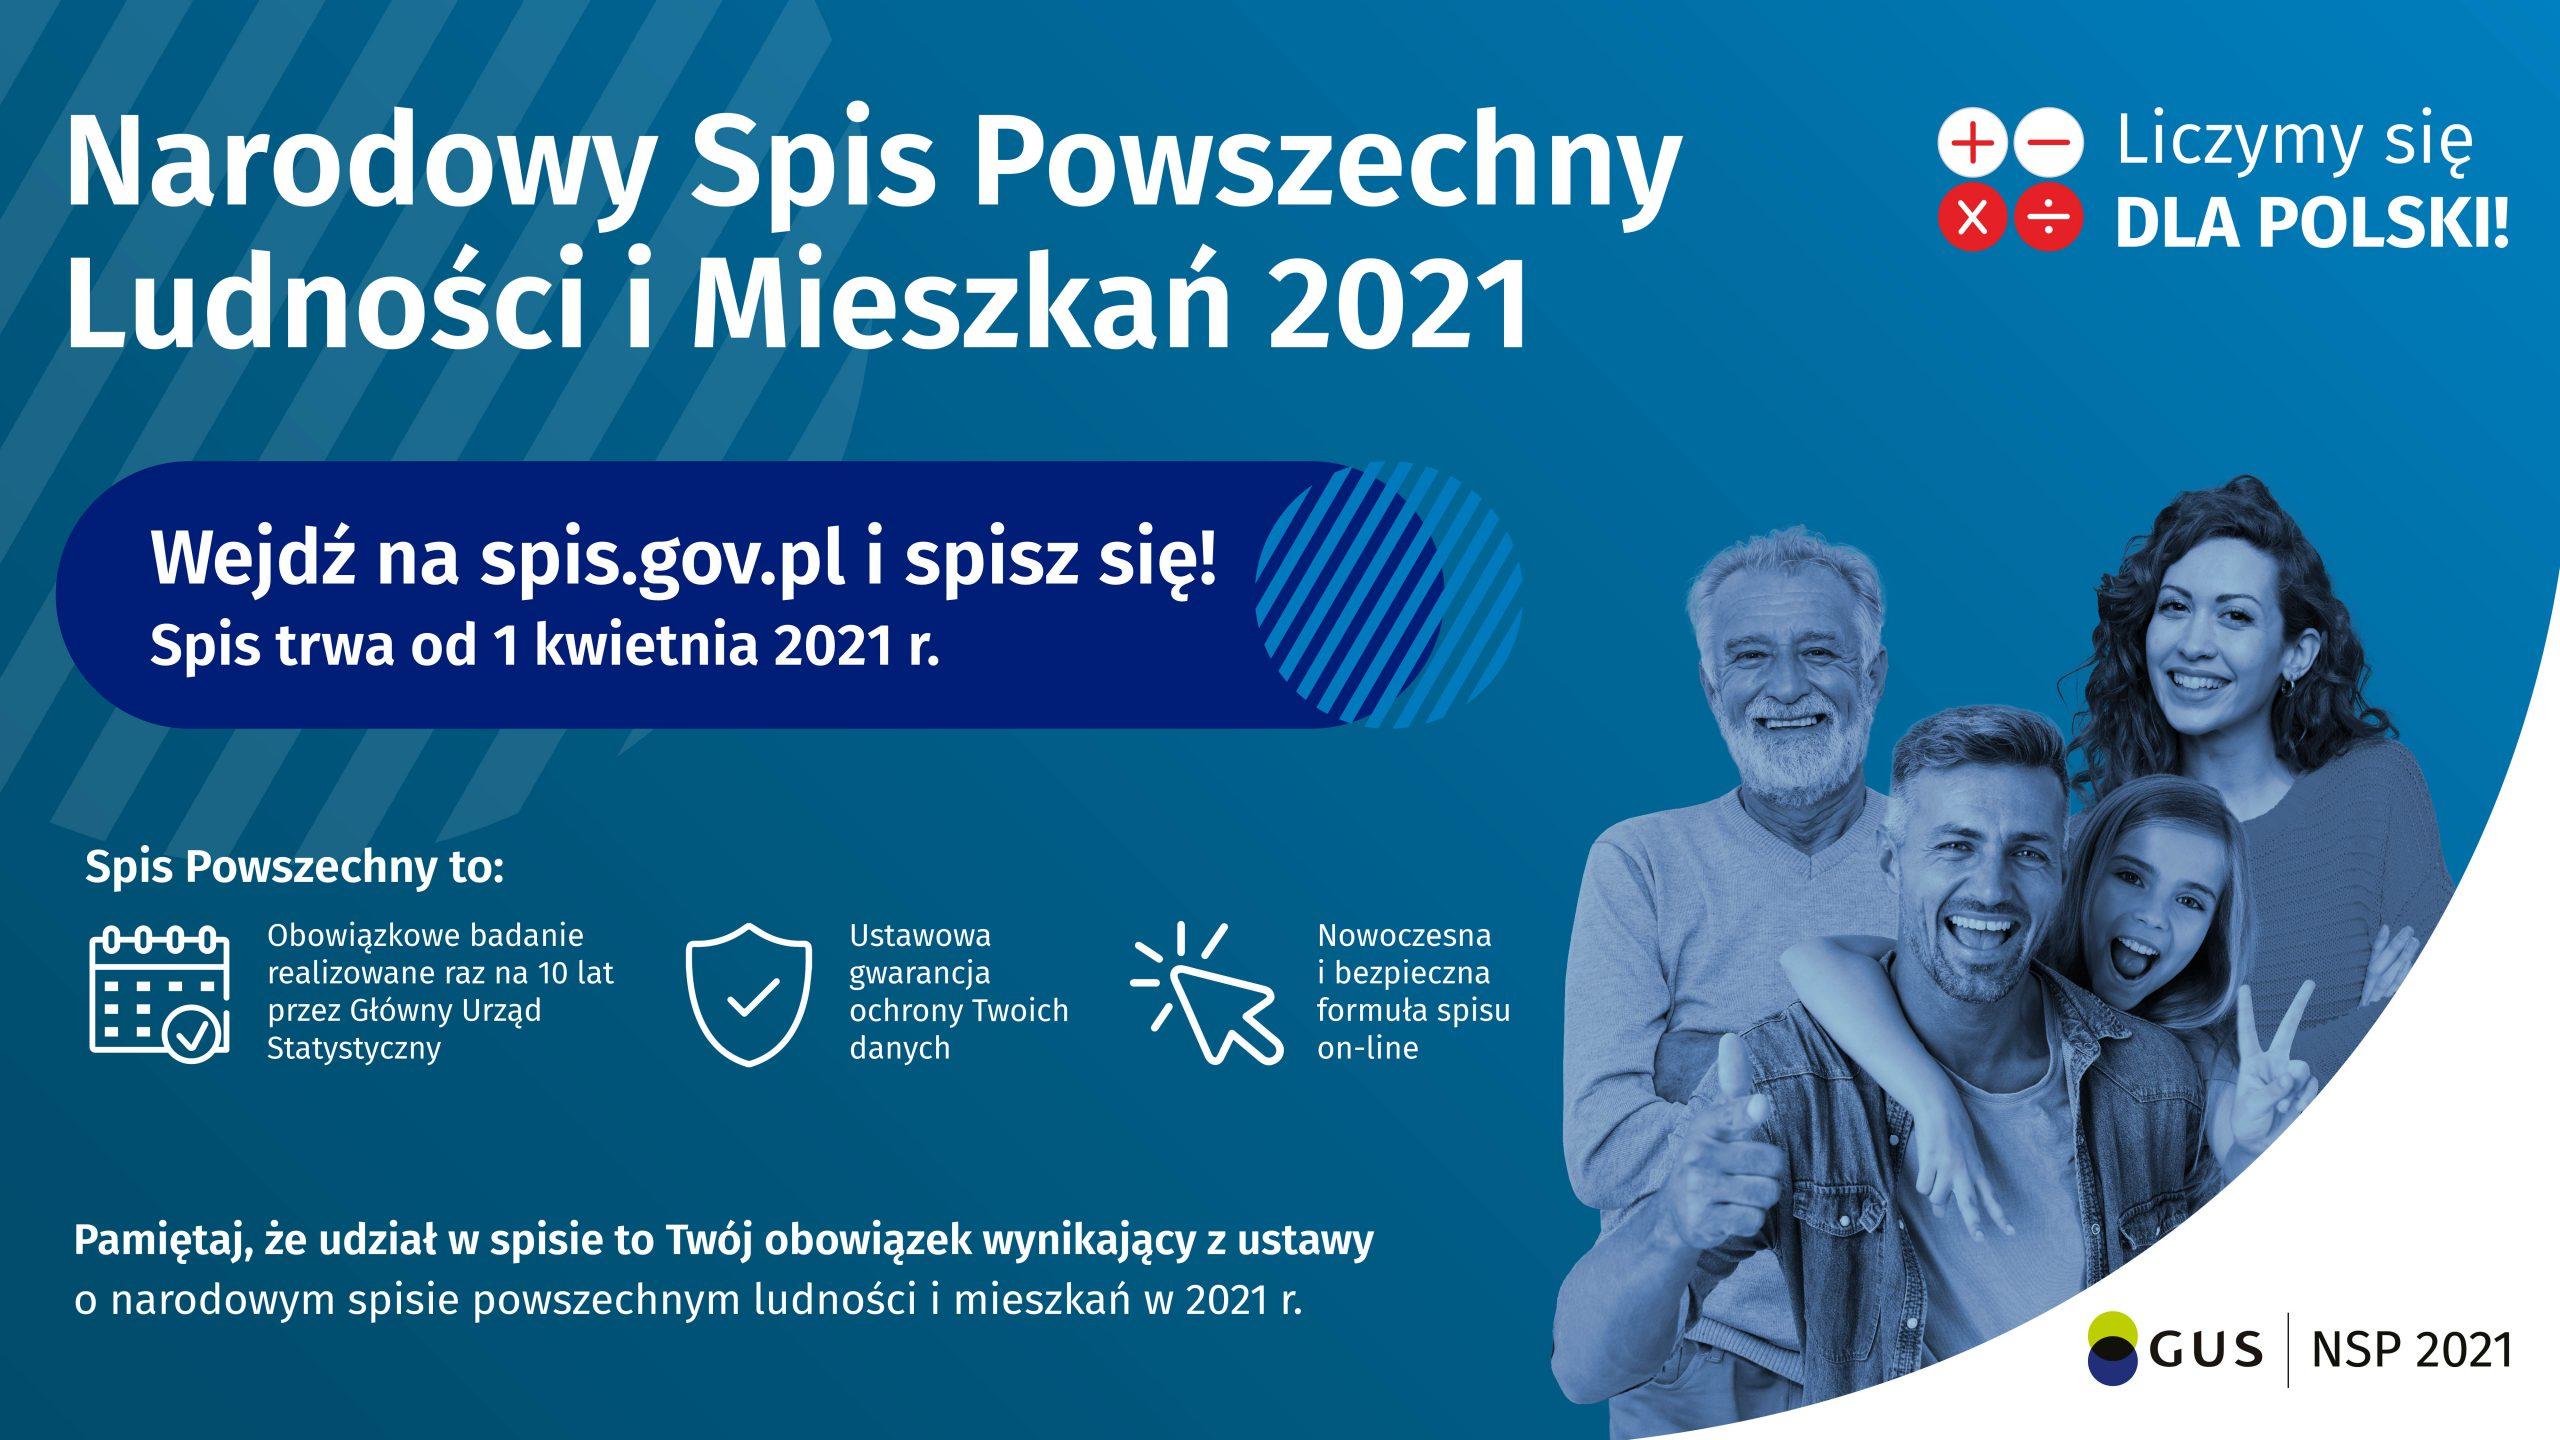 plakat Narodowy spis powszechny_2021